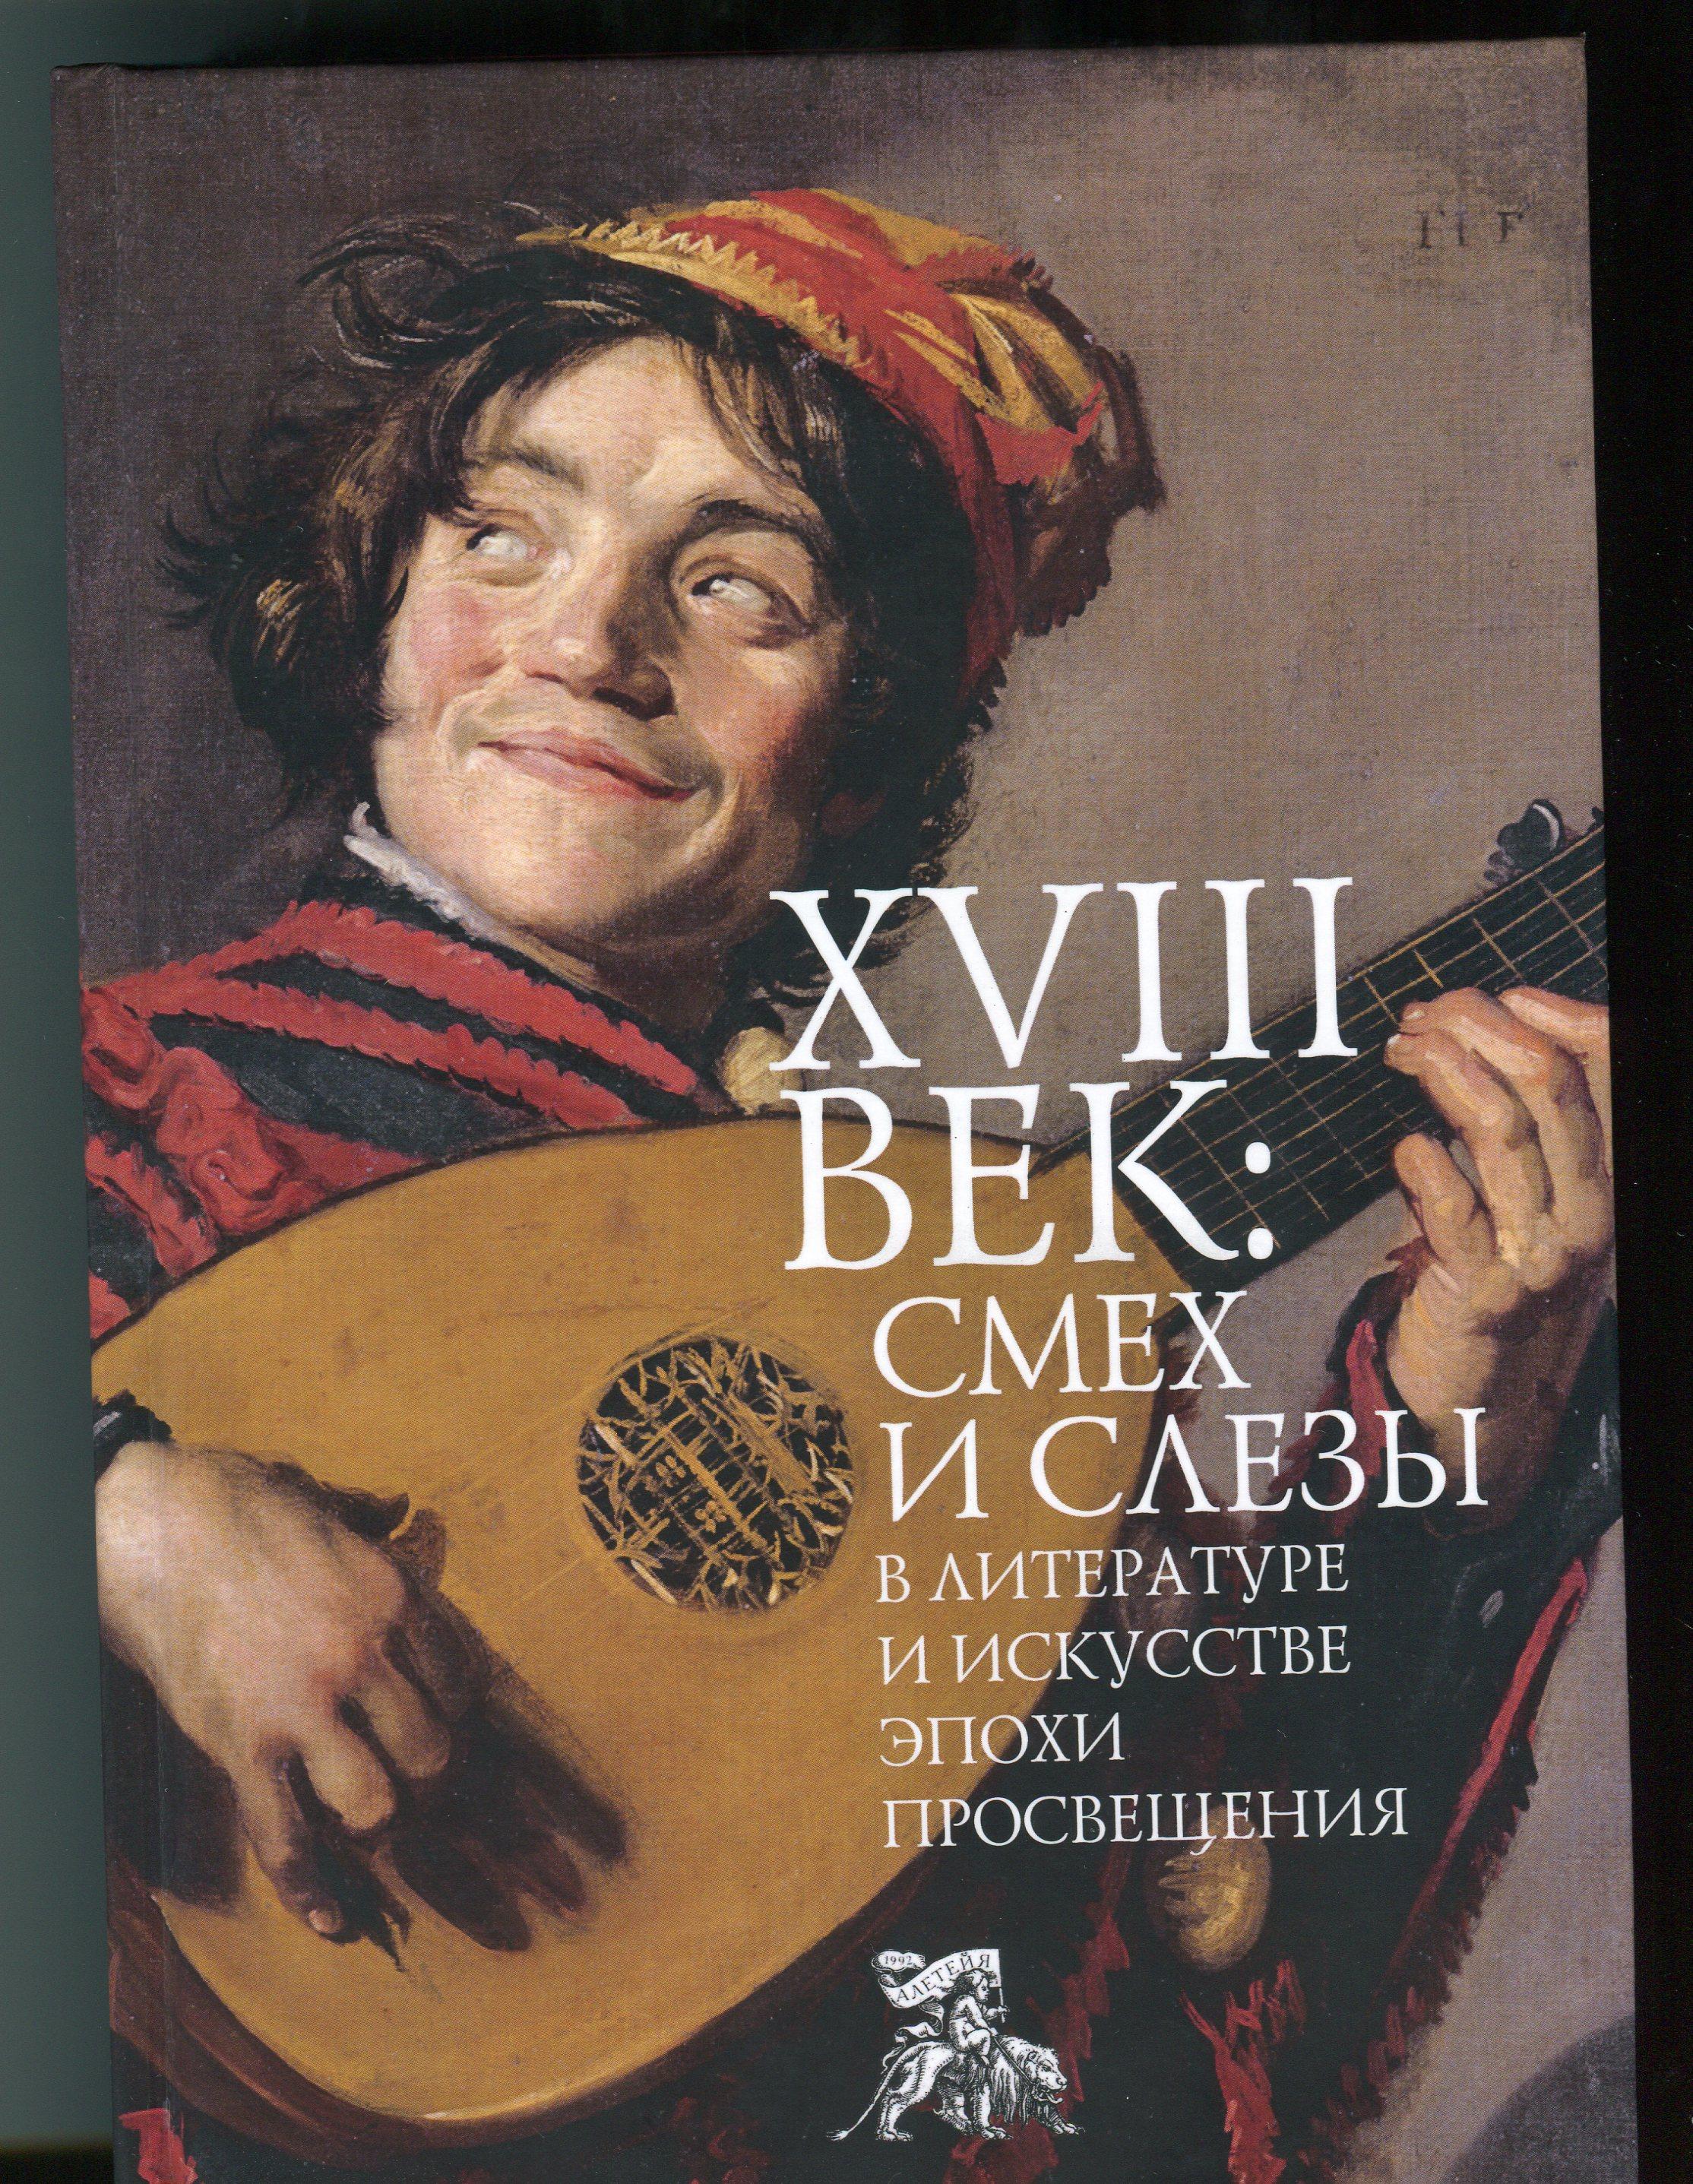 XVIII век: смех и слезы в литературе и искусстве эпохи Просвещения